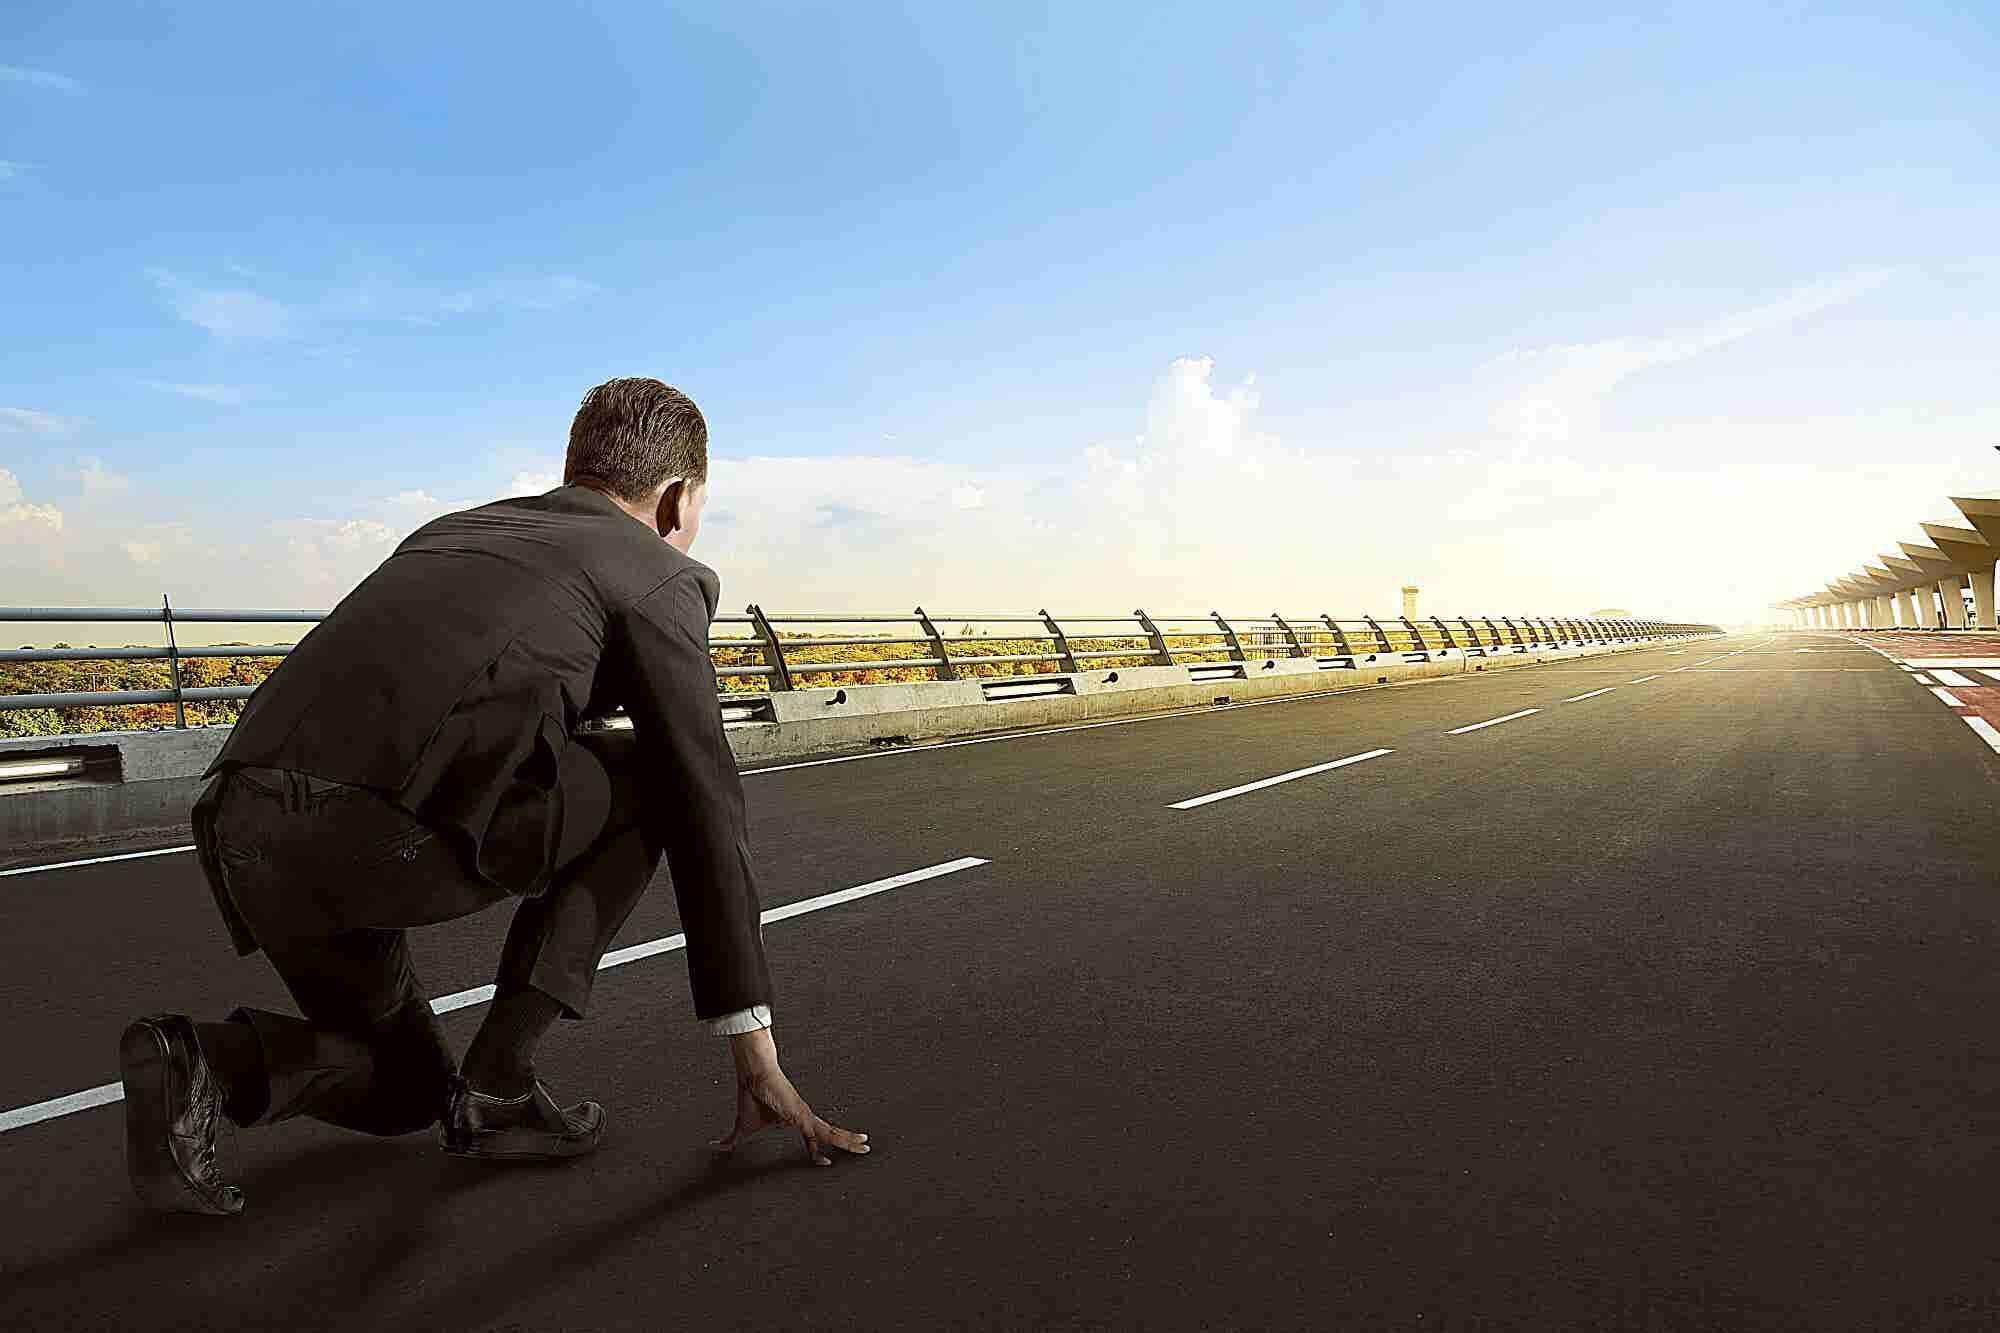 ¿Quieres emprender? 10 tips para abrir tu negocio